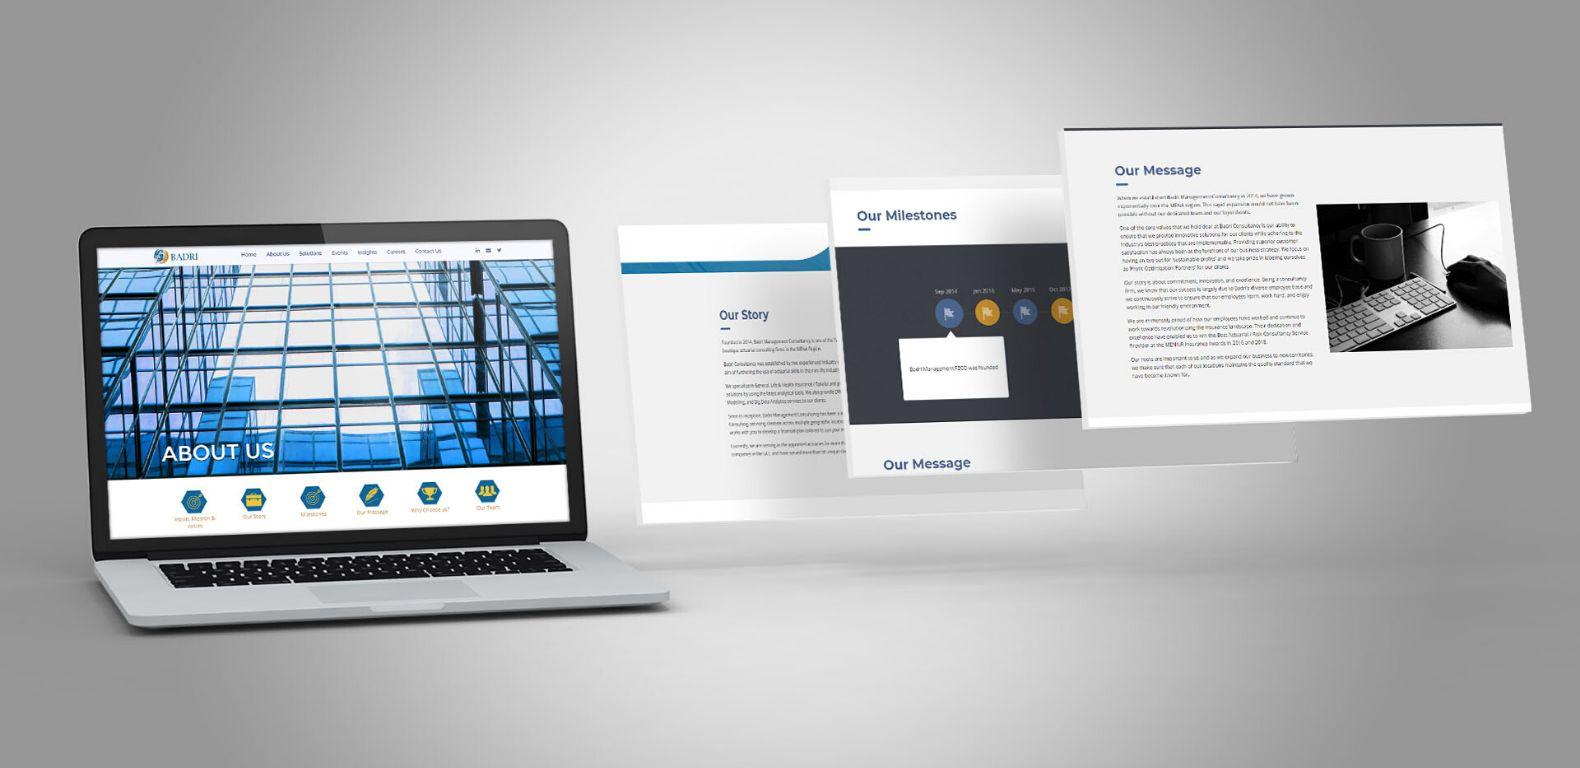 Badri-Consultancy-website-About-Us-design